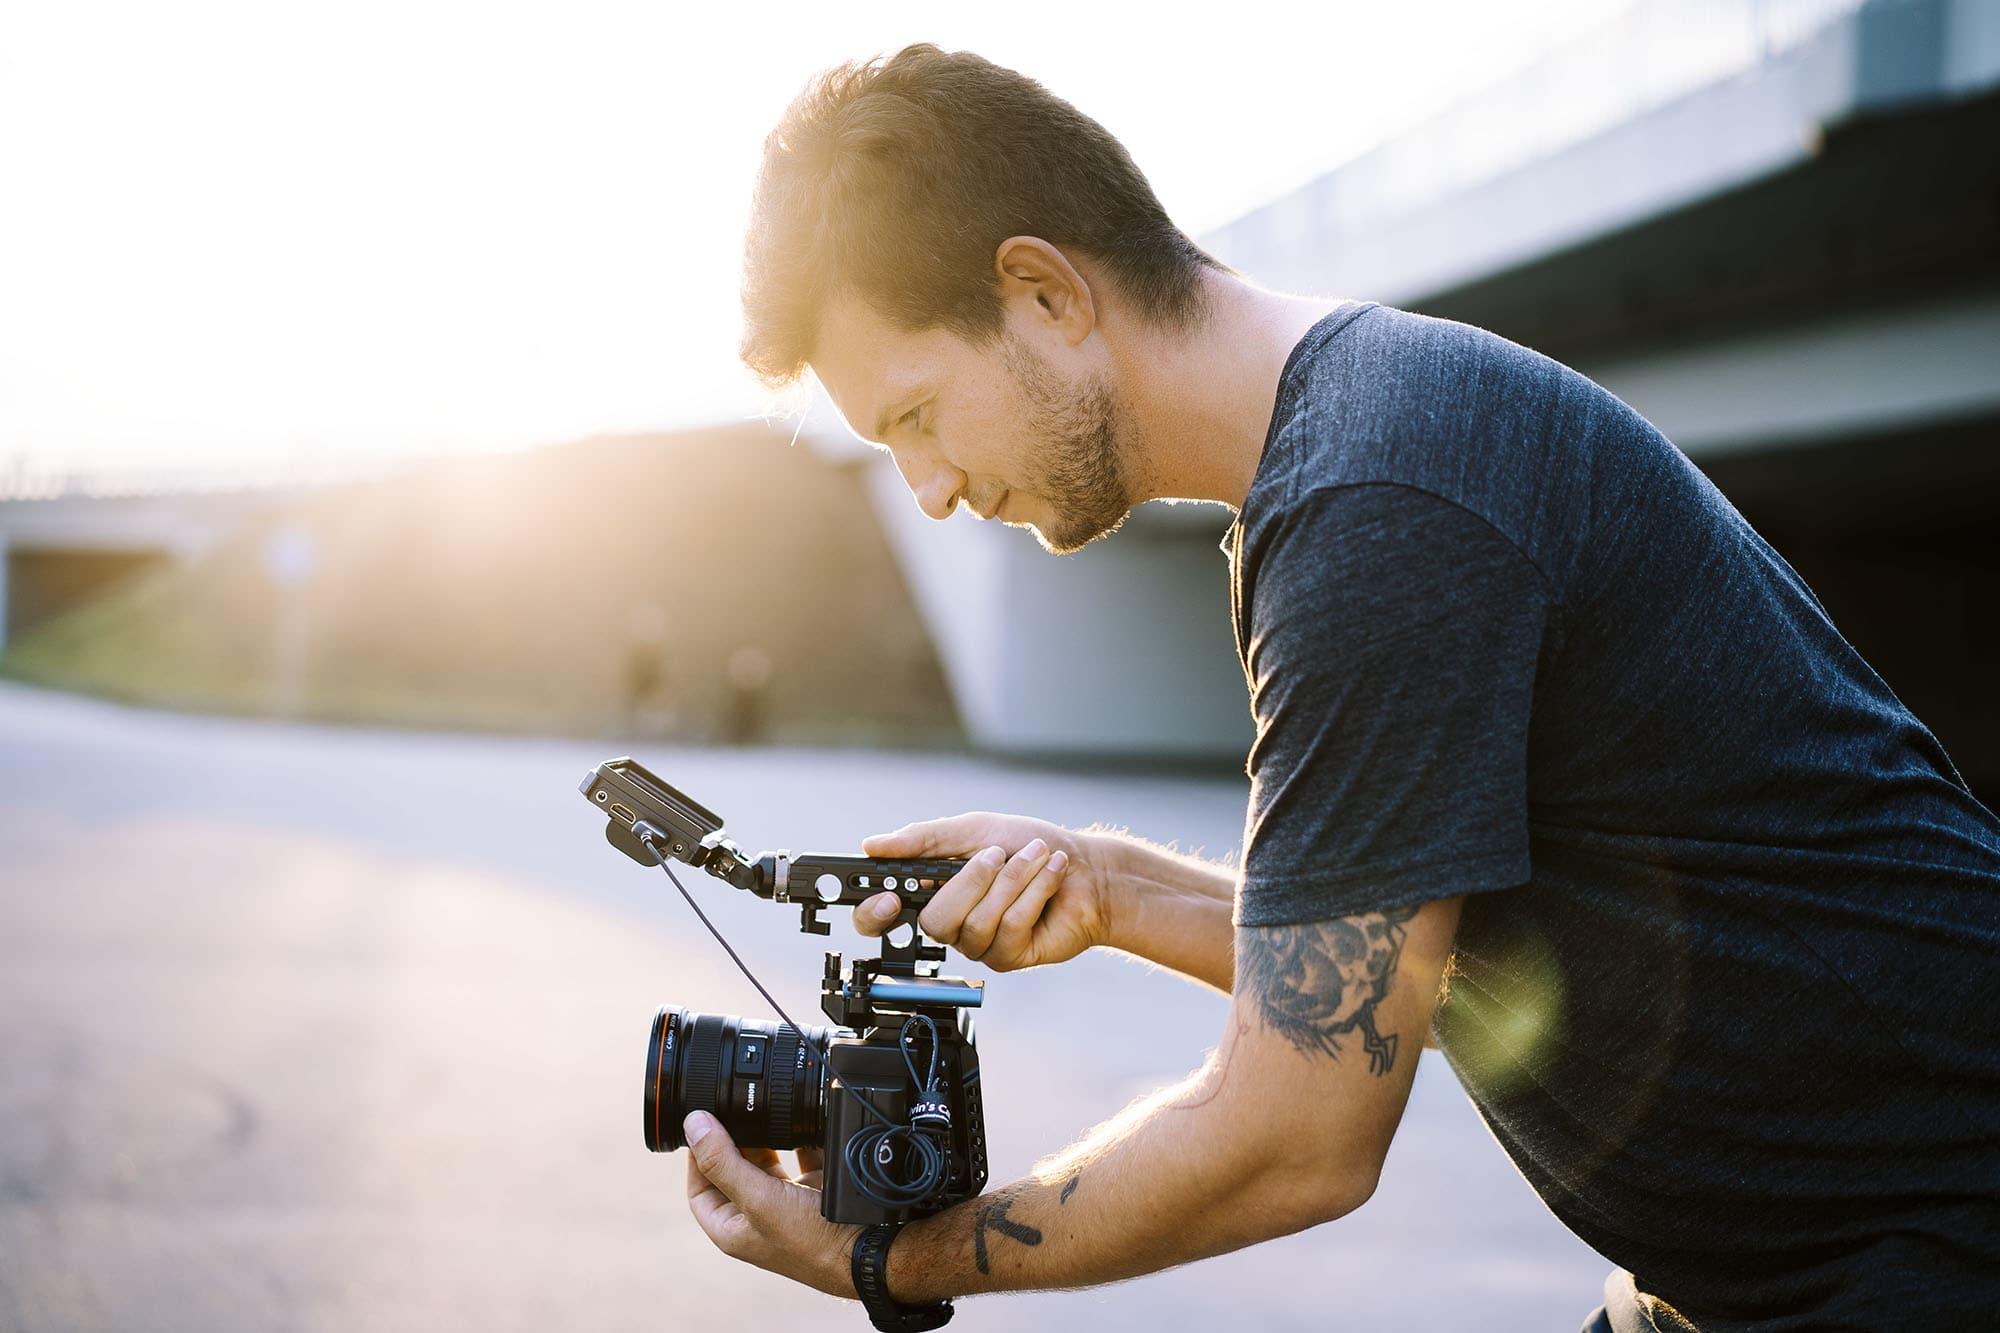 Portrety w stylu reportażowym – zdjęcia filmowca i fana deskorolki